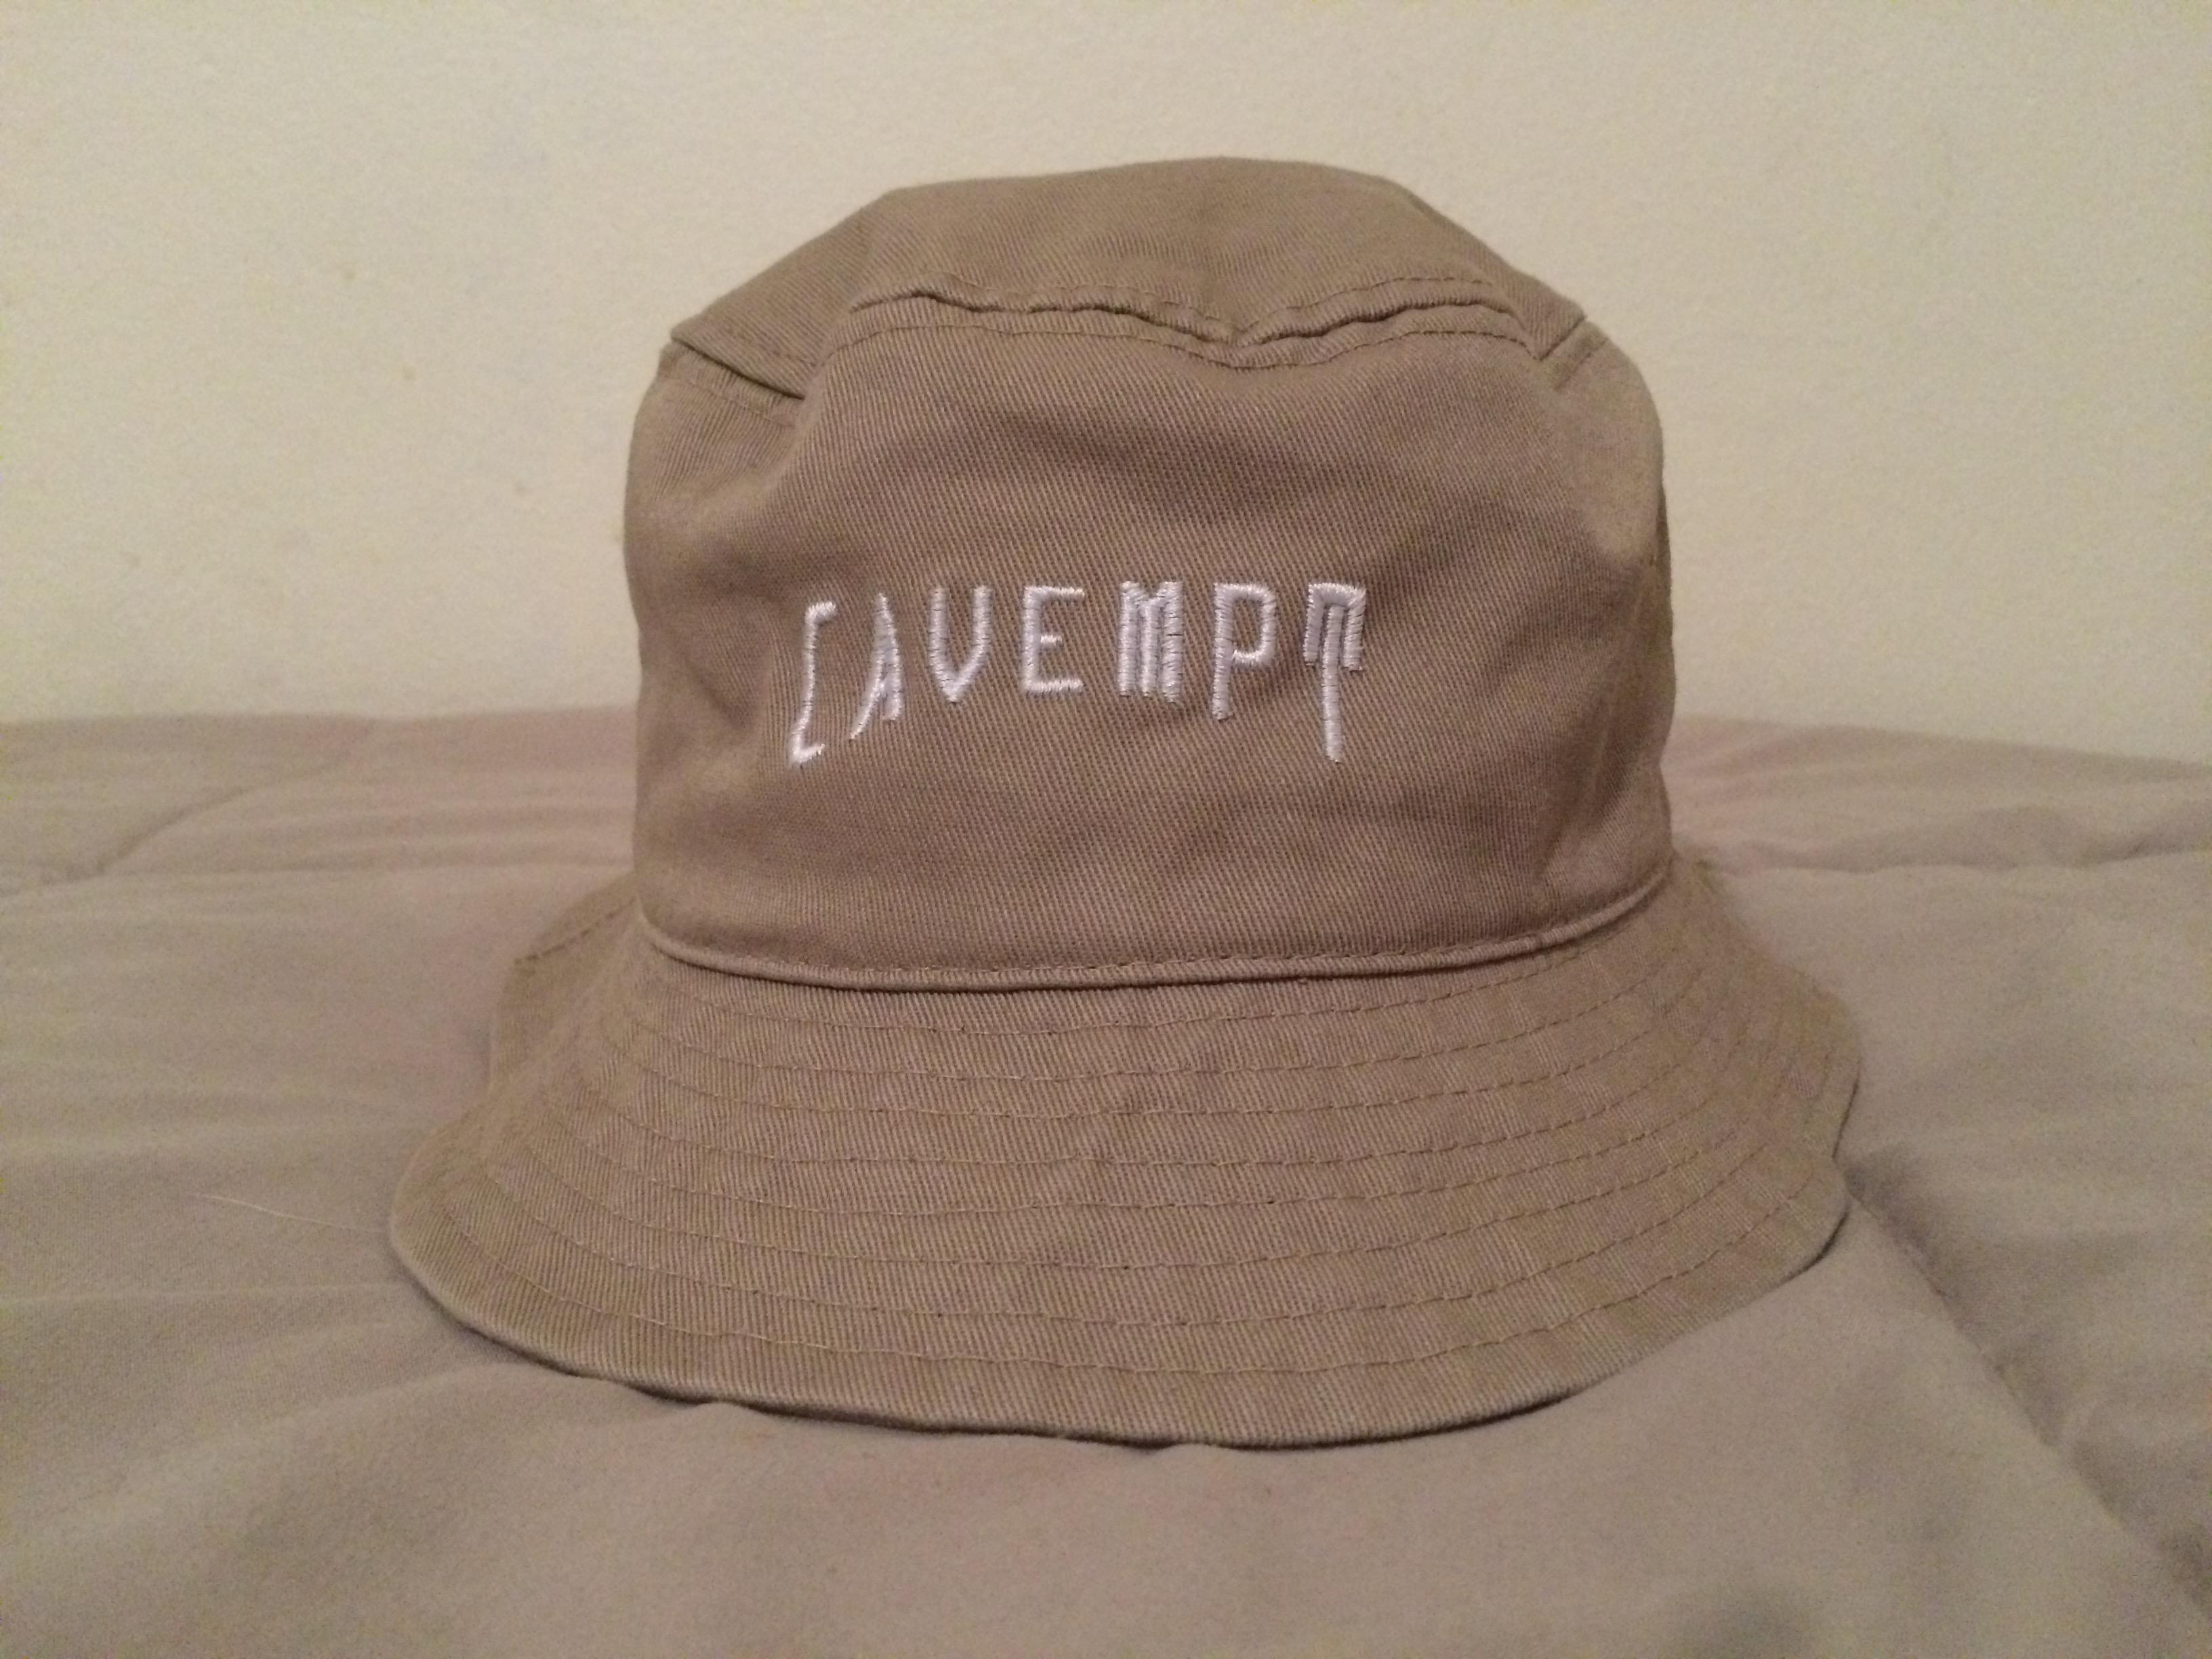 e145fe6f5 Cav Empt Bucket Hat